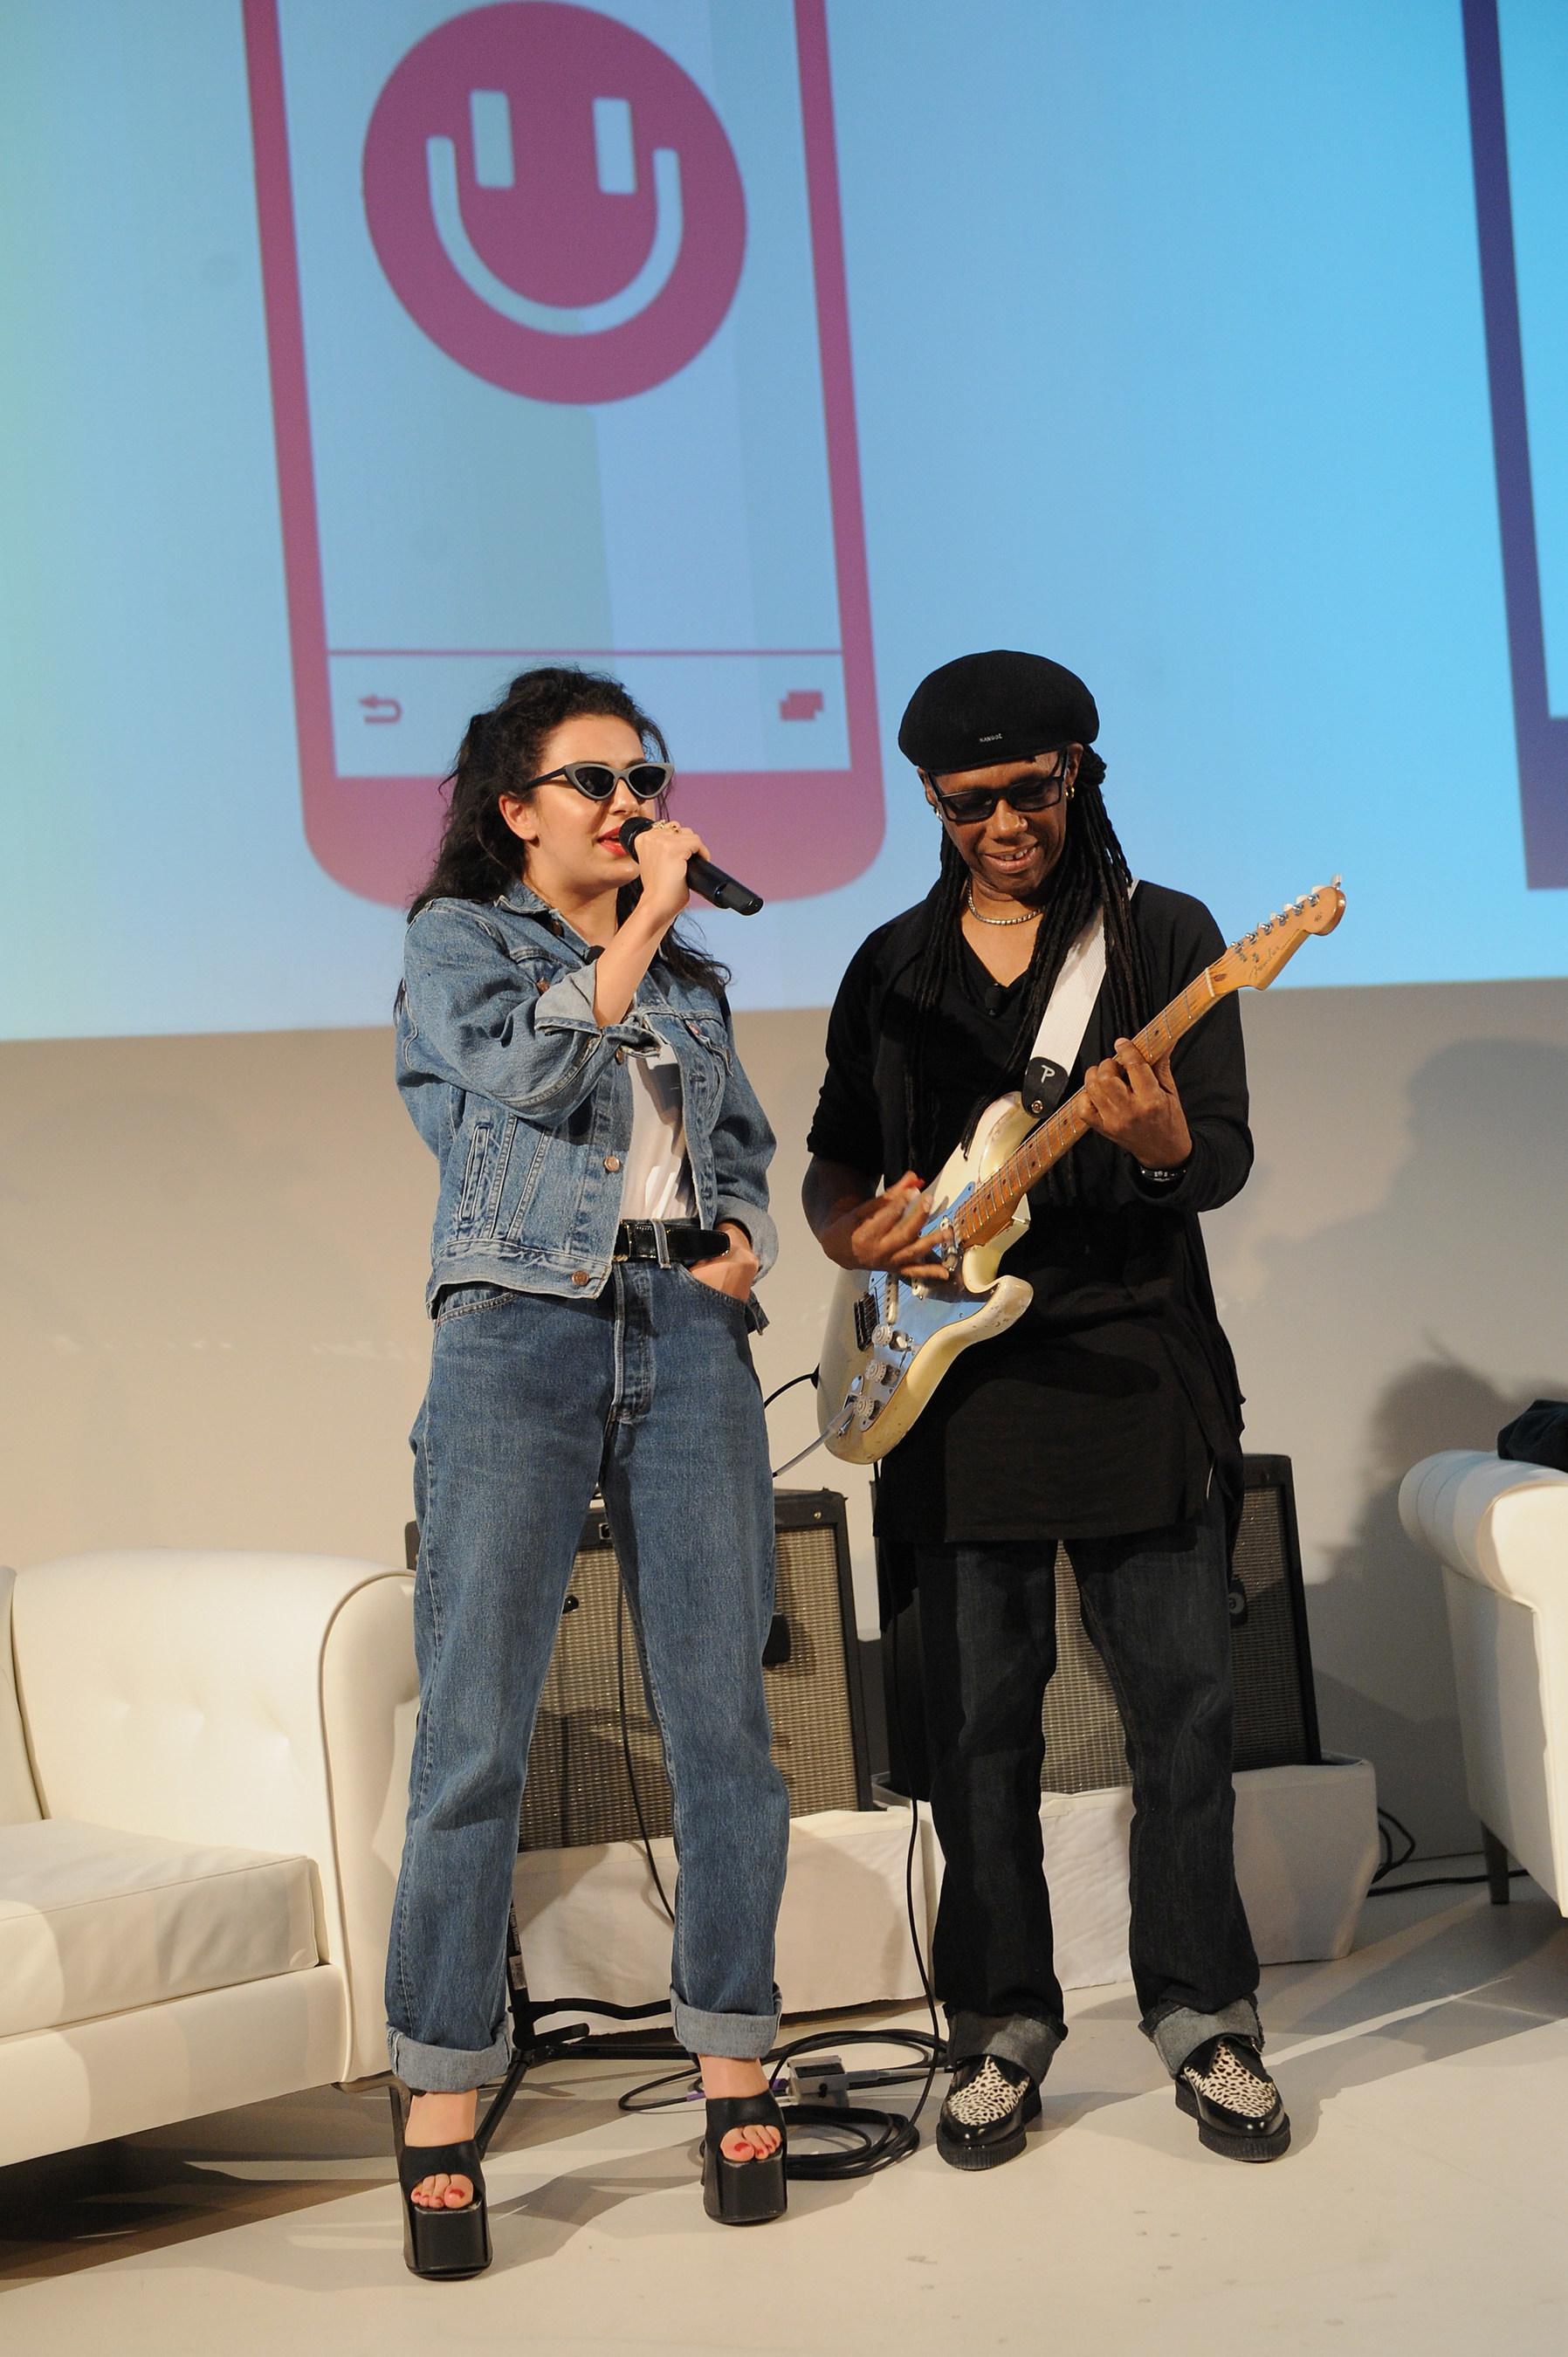 Spoločnosť MixRadio spúšťa najosobnejšiu a pre používateľov najjednoduchšiu hudobnú streamovaciu